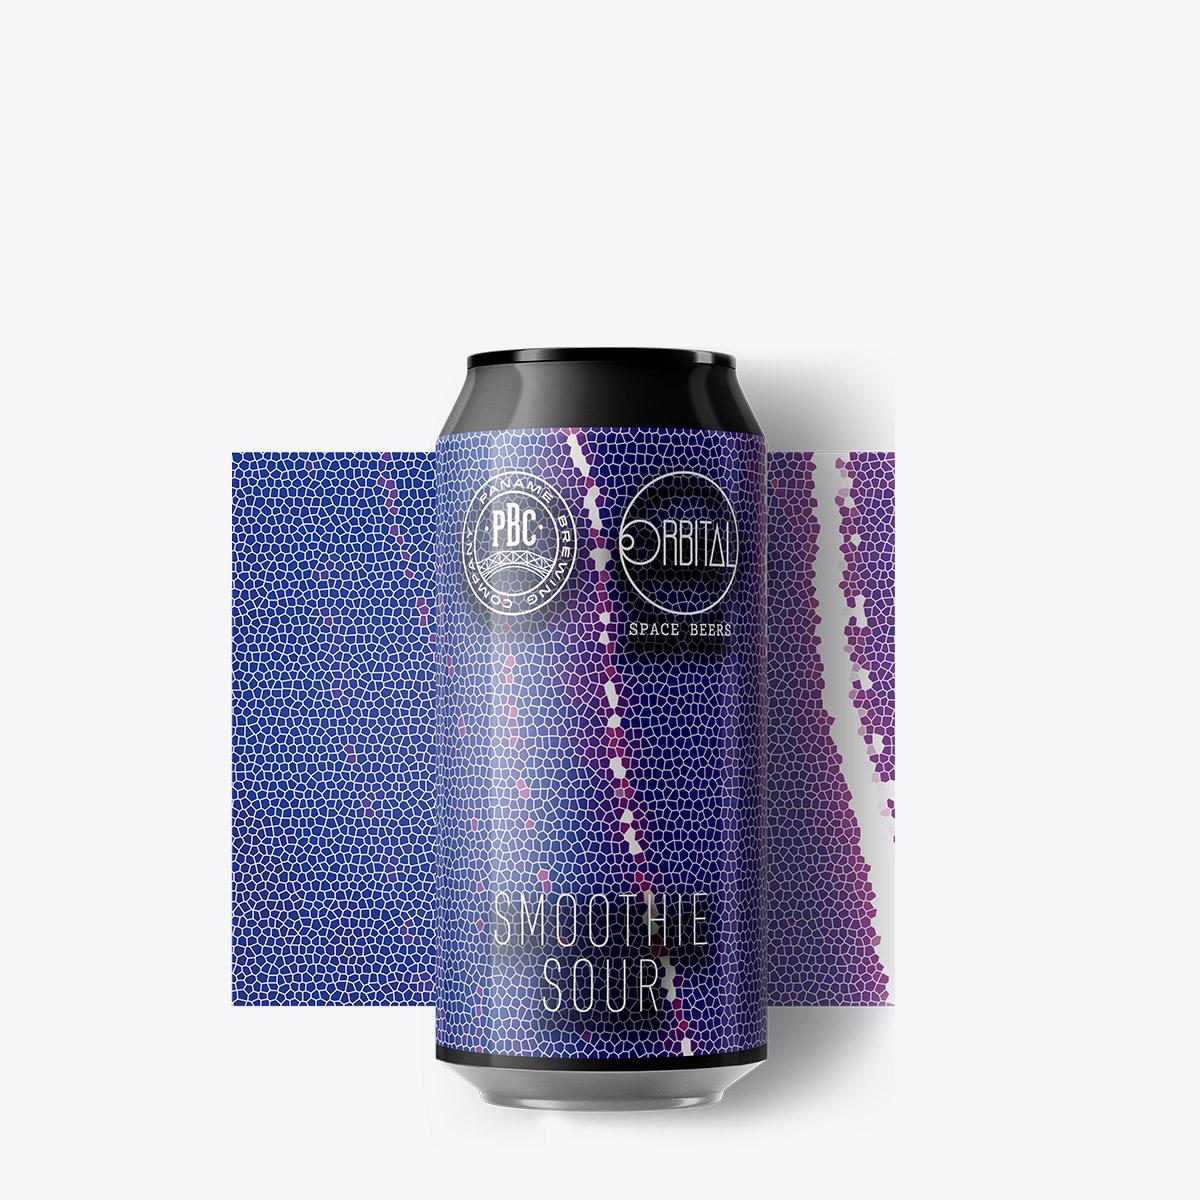 Orbital Space Beers - Smoothie Sour